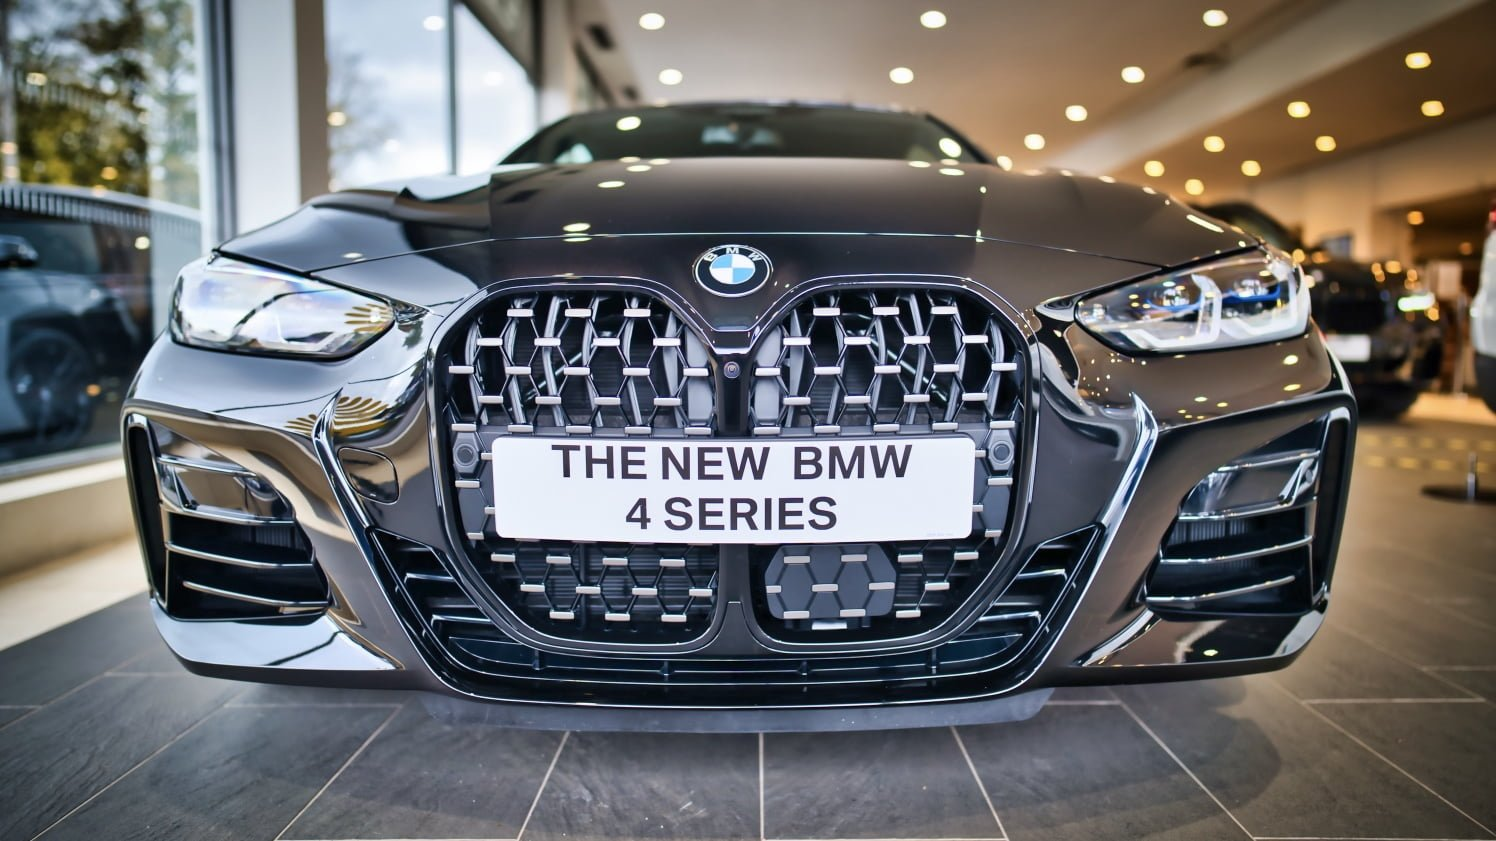 BMW 4 SERIES - Specialist Cars BMW